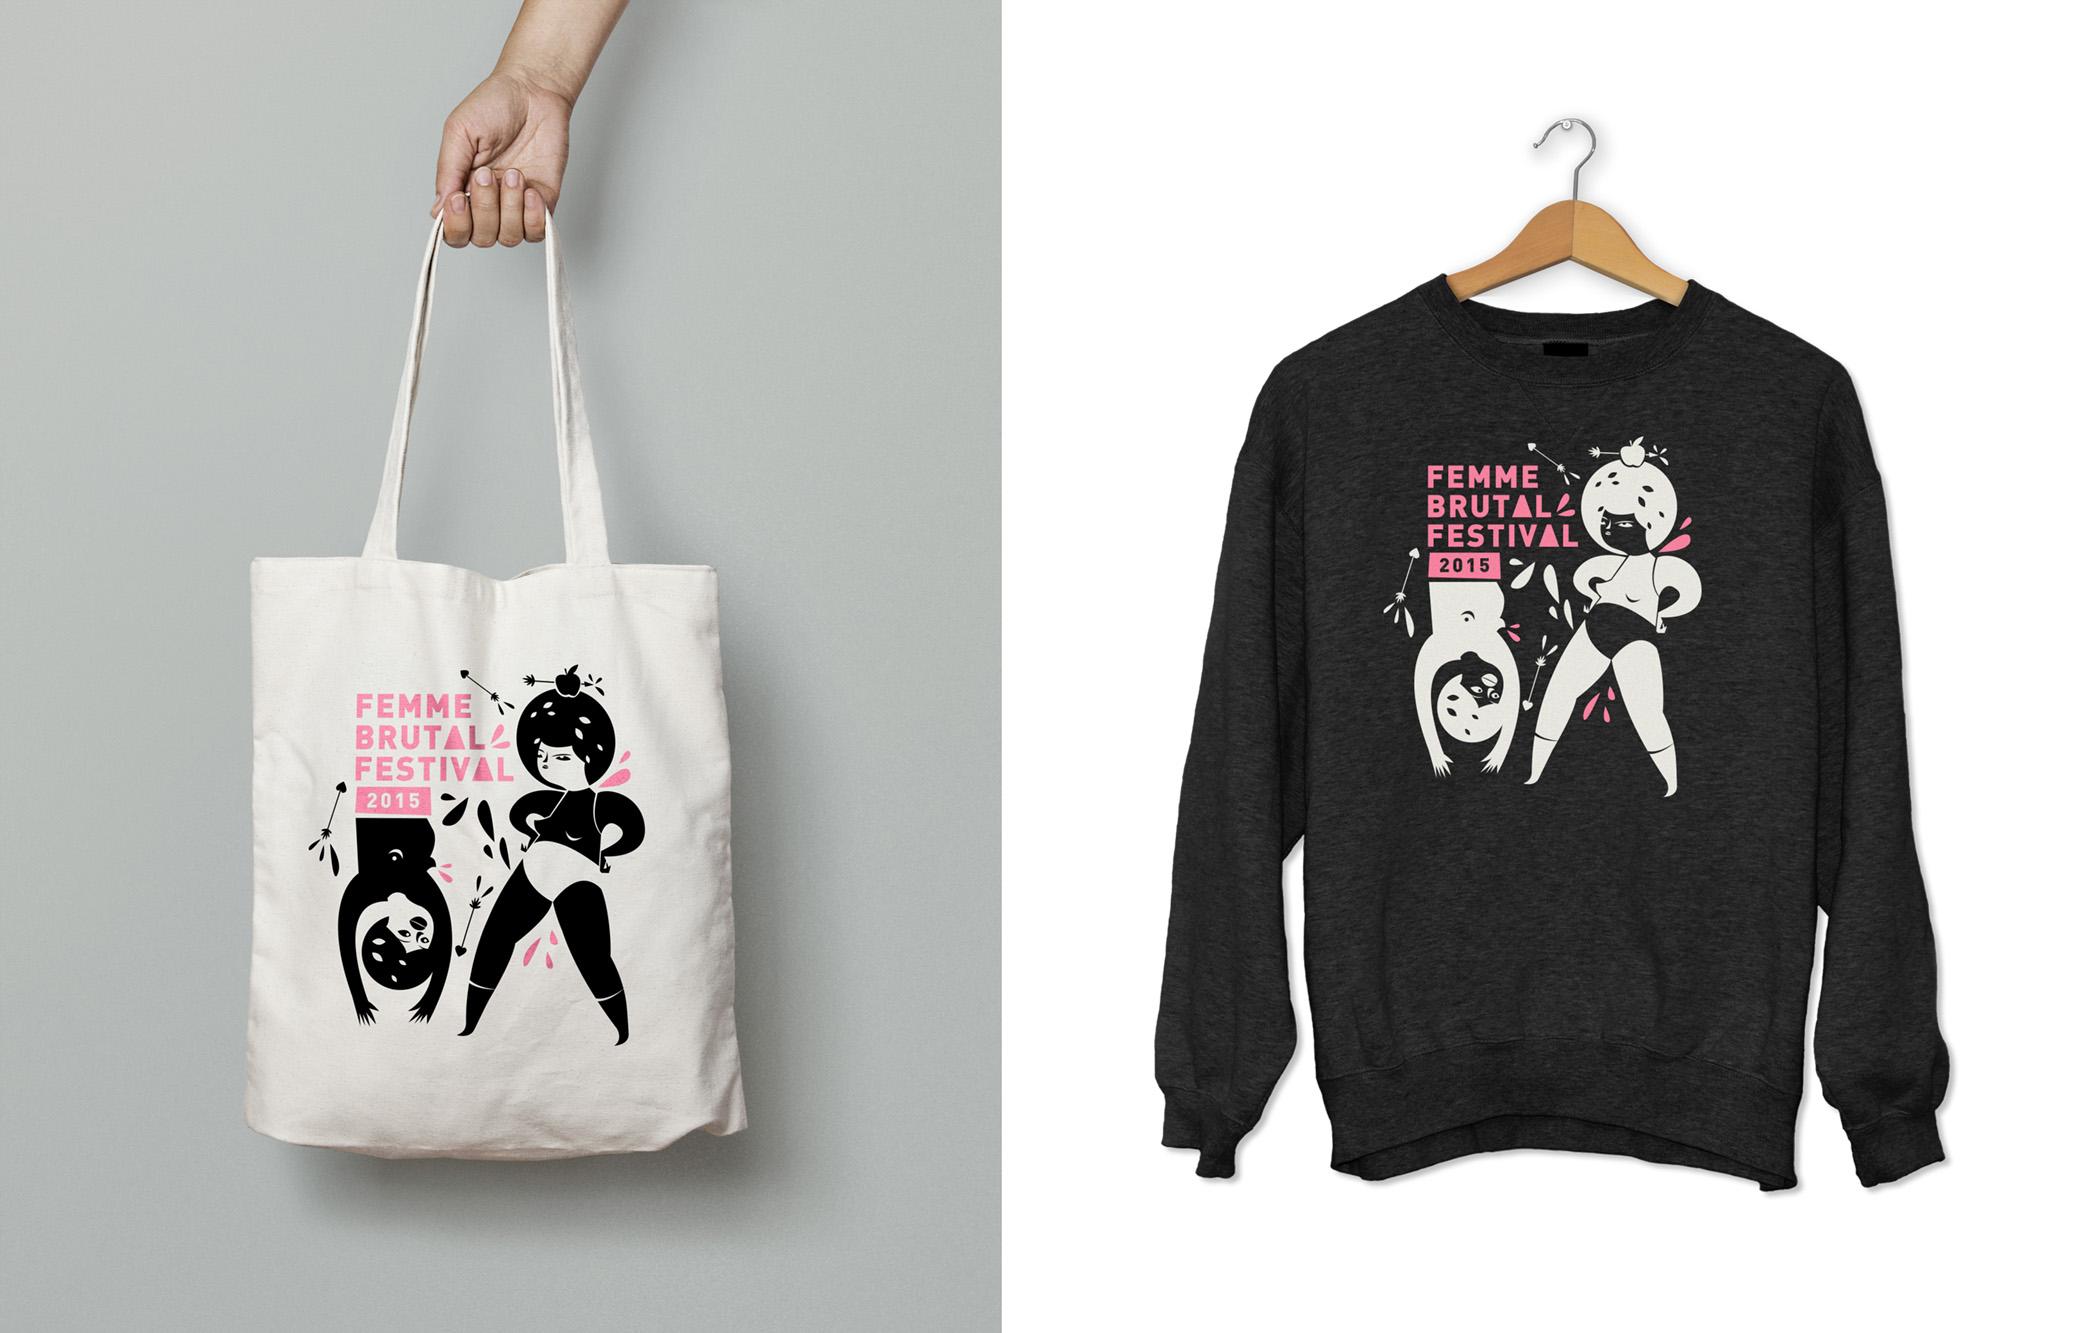 totebag_femmebrutal+Shirt